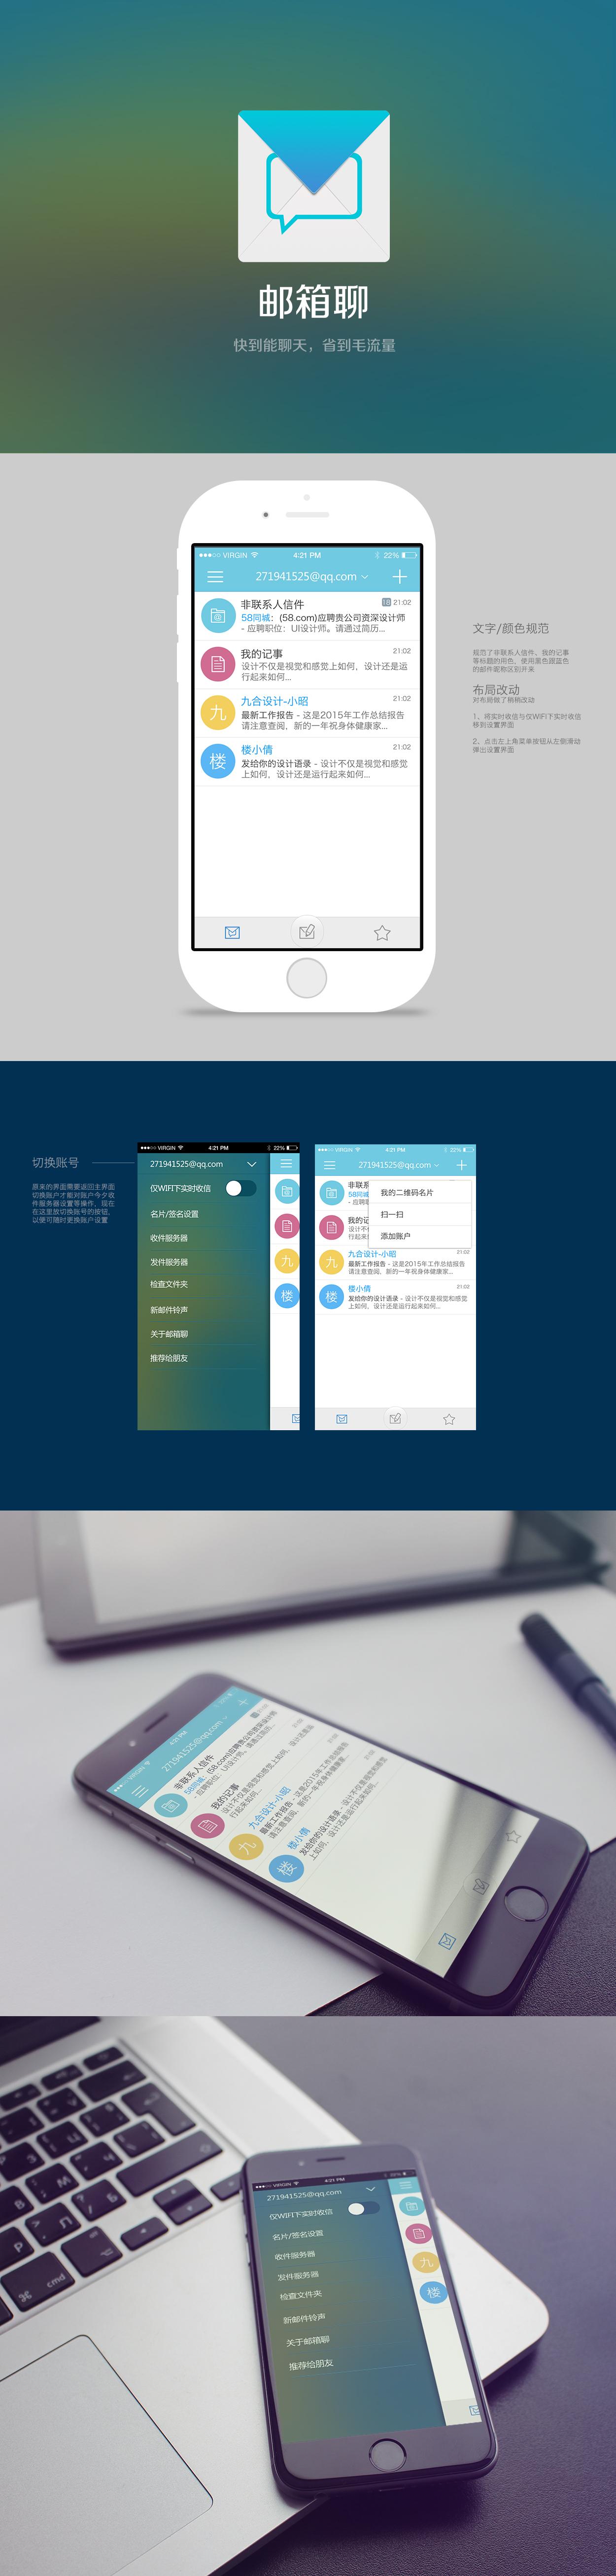 邮箱聊软件界面ui设计要求_一品威客网移动应用ui设计